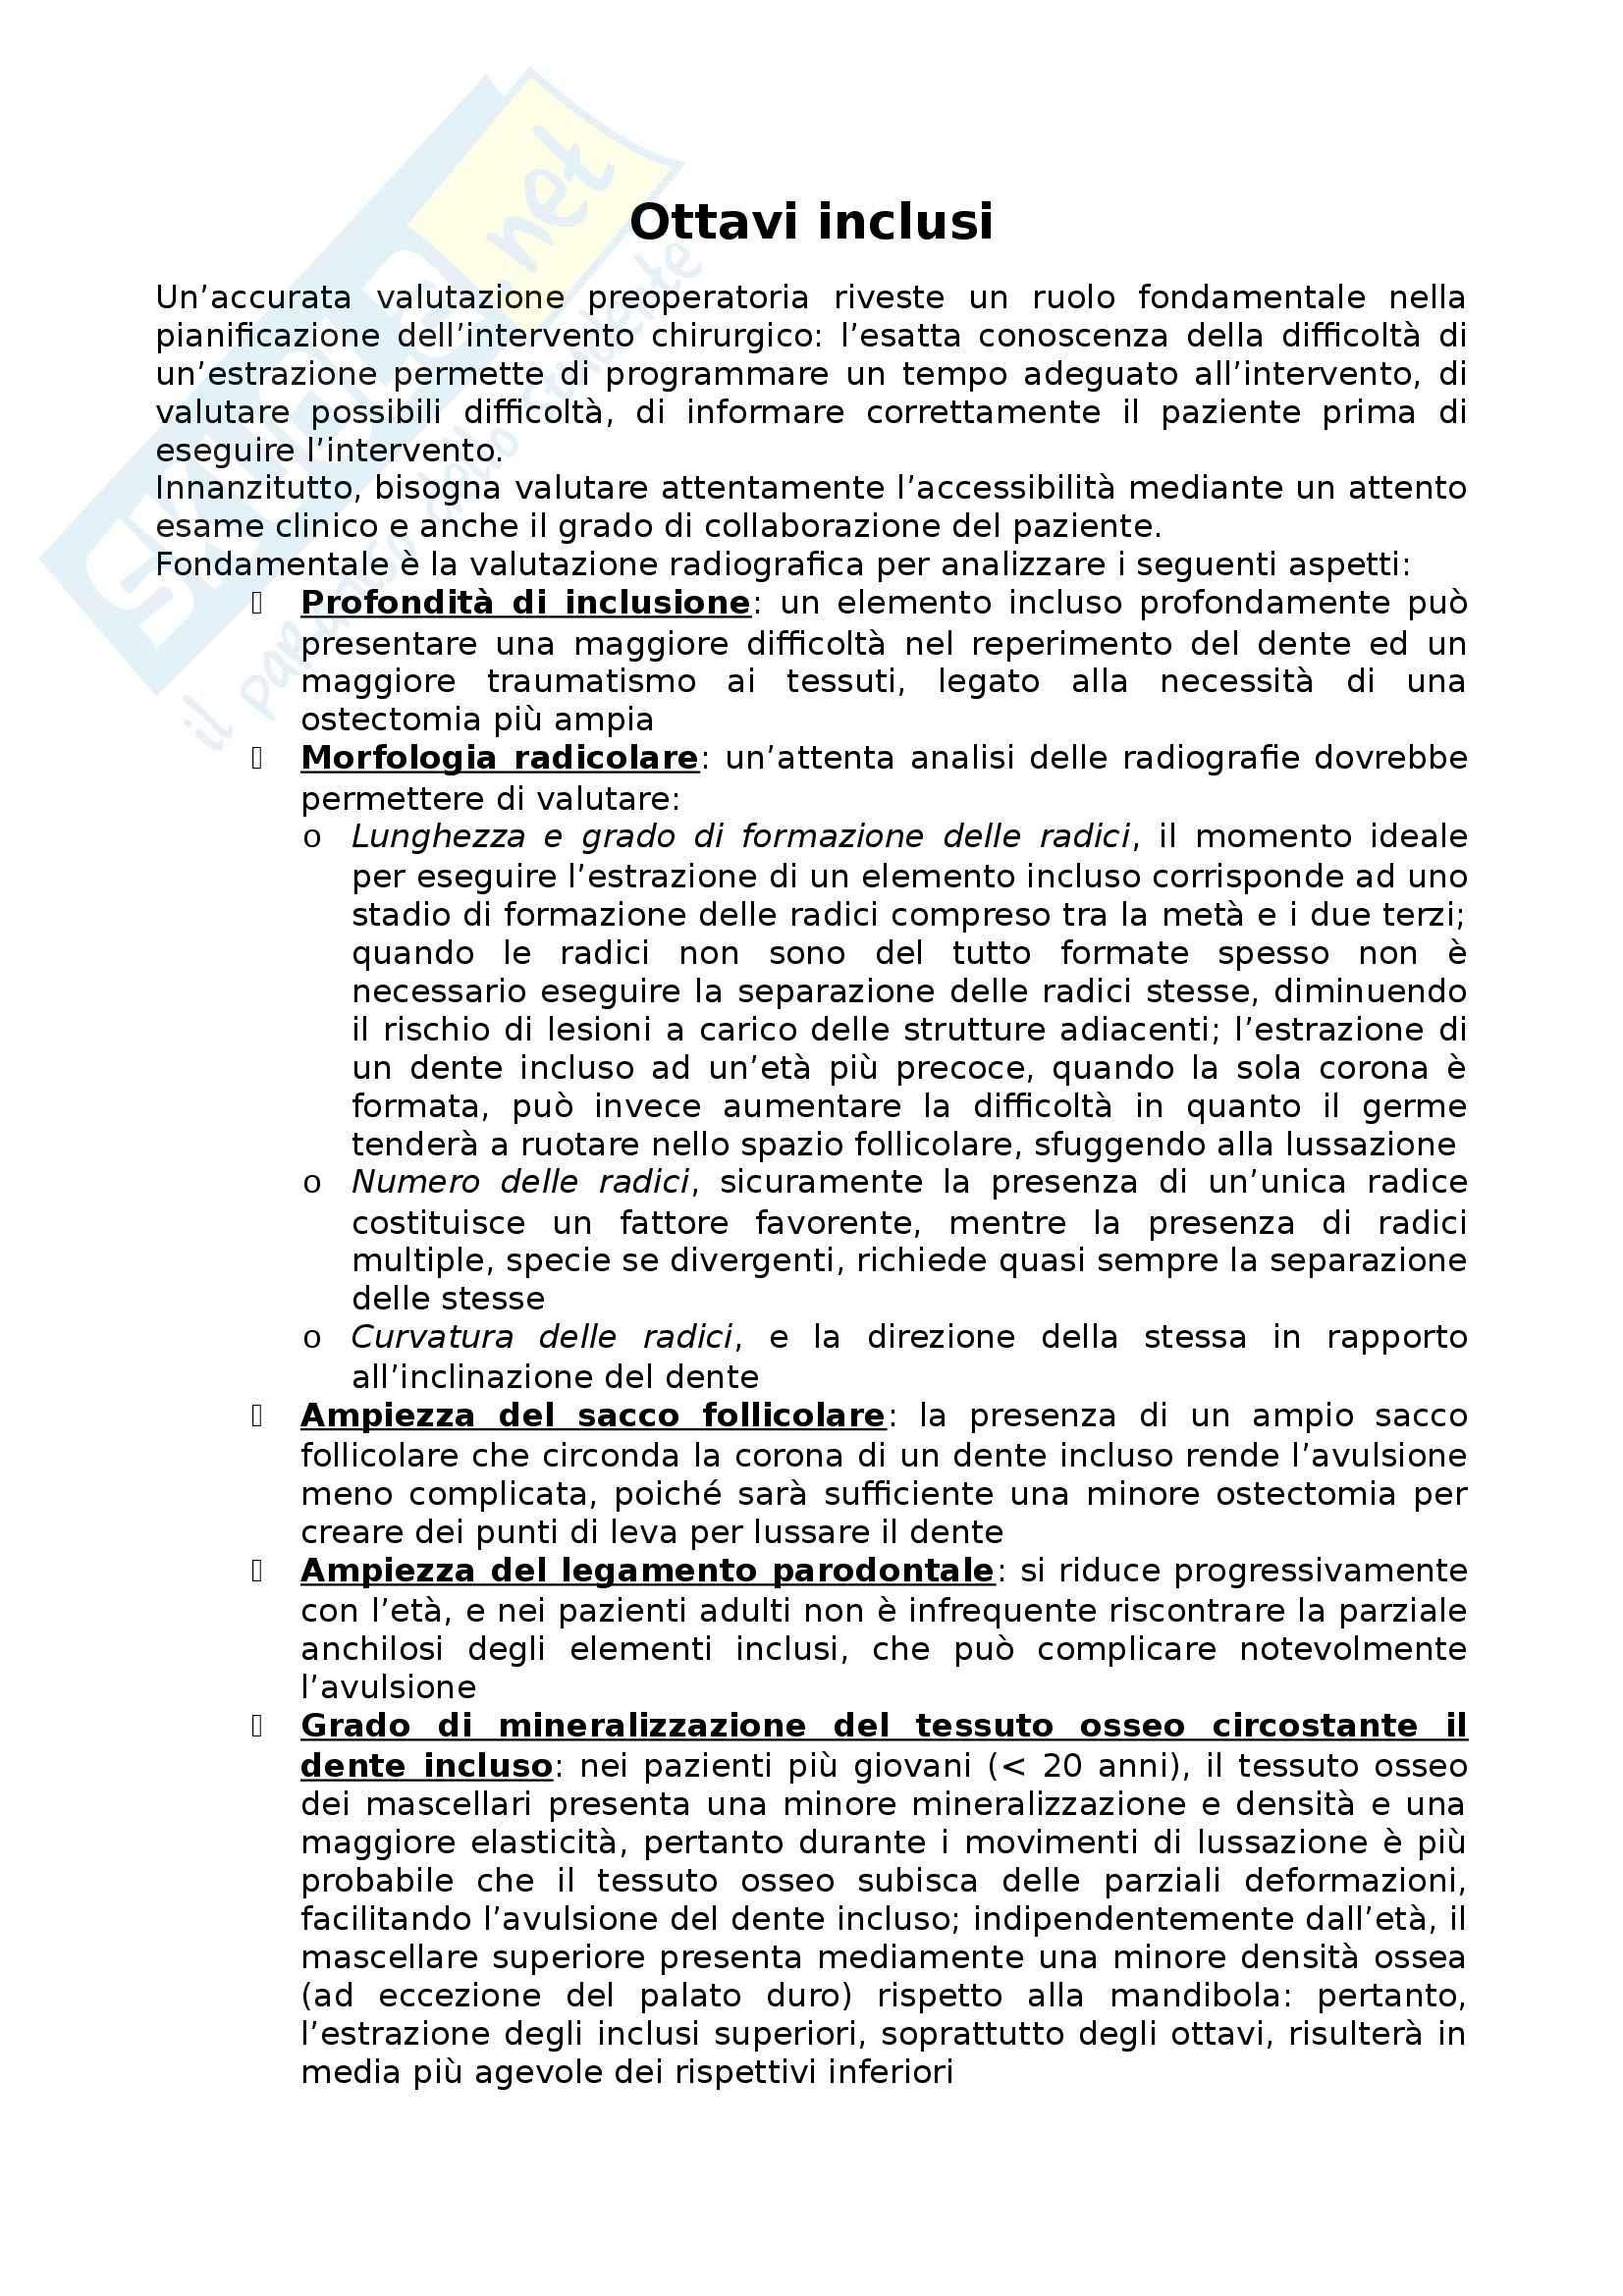 Riassunto esame Chirurgia orale : Ottavi inclusi, prof. Baldoni